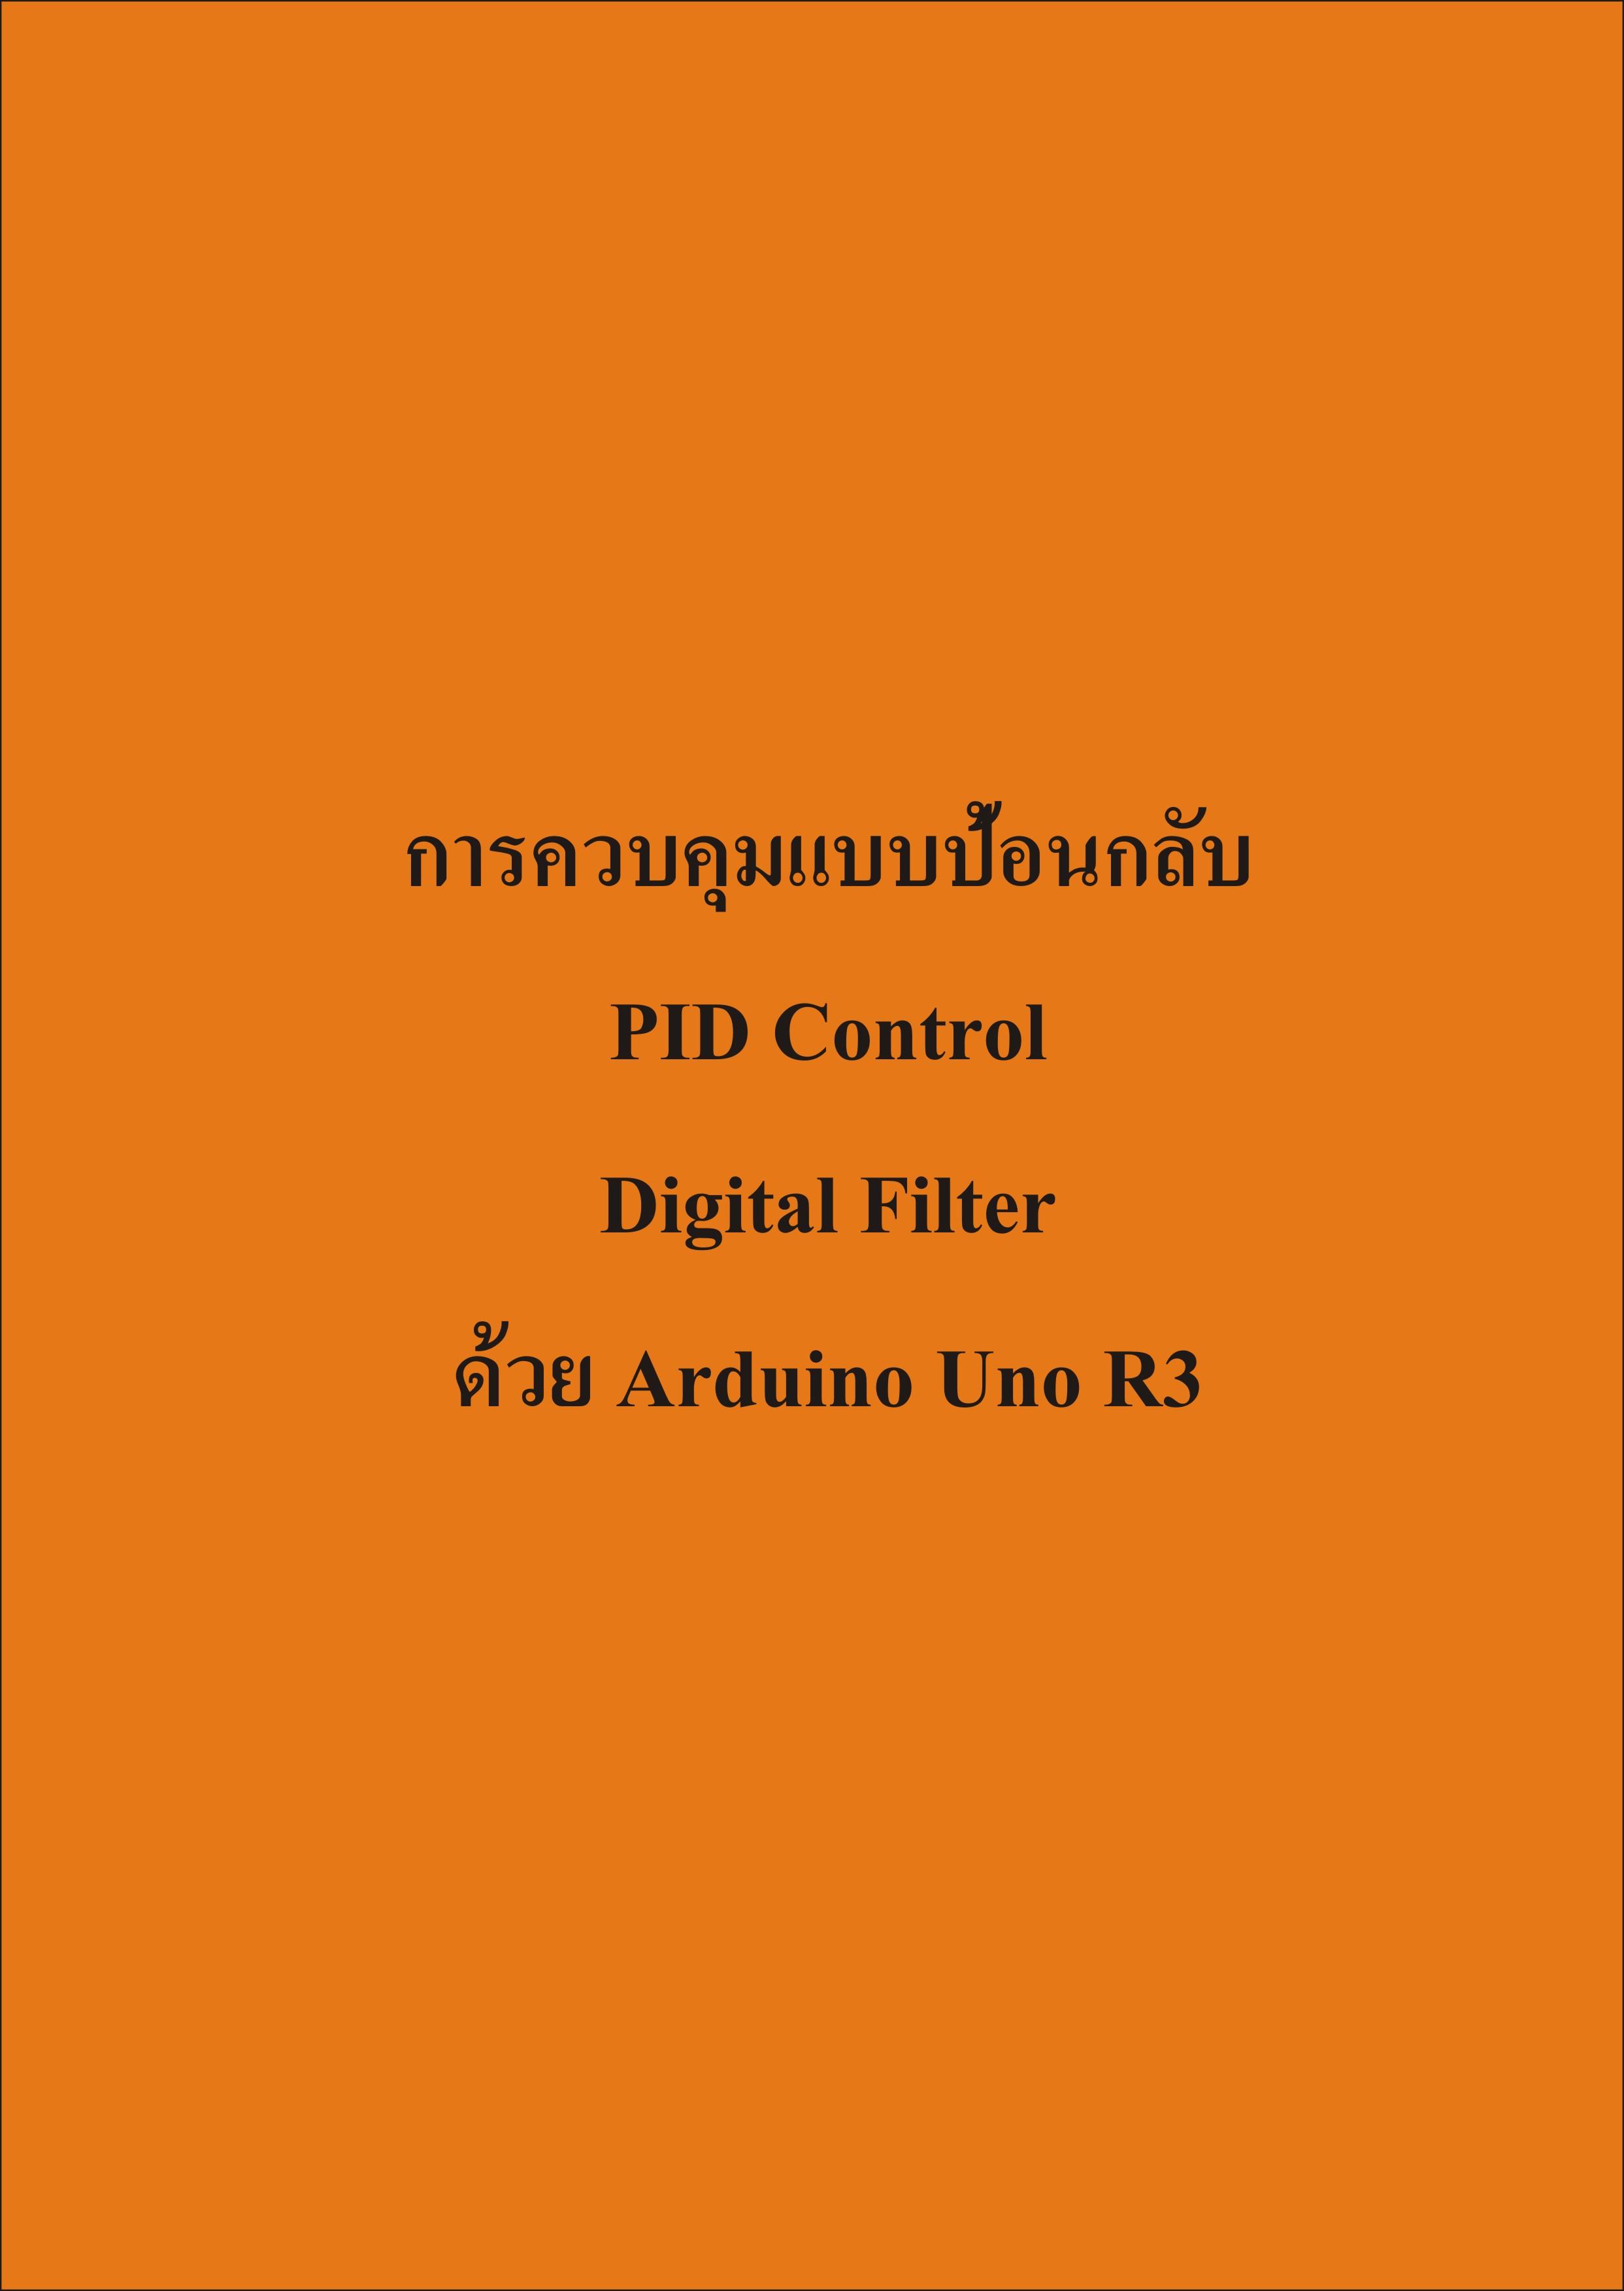 หนังสือการควบคุมแบบป้อนกลับ PID Control ด้วย Arduino Uno R3